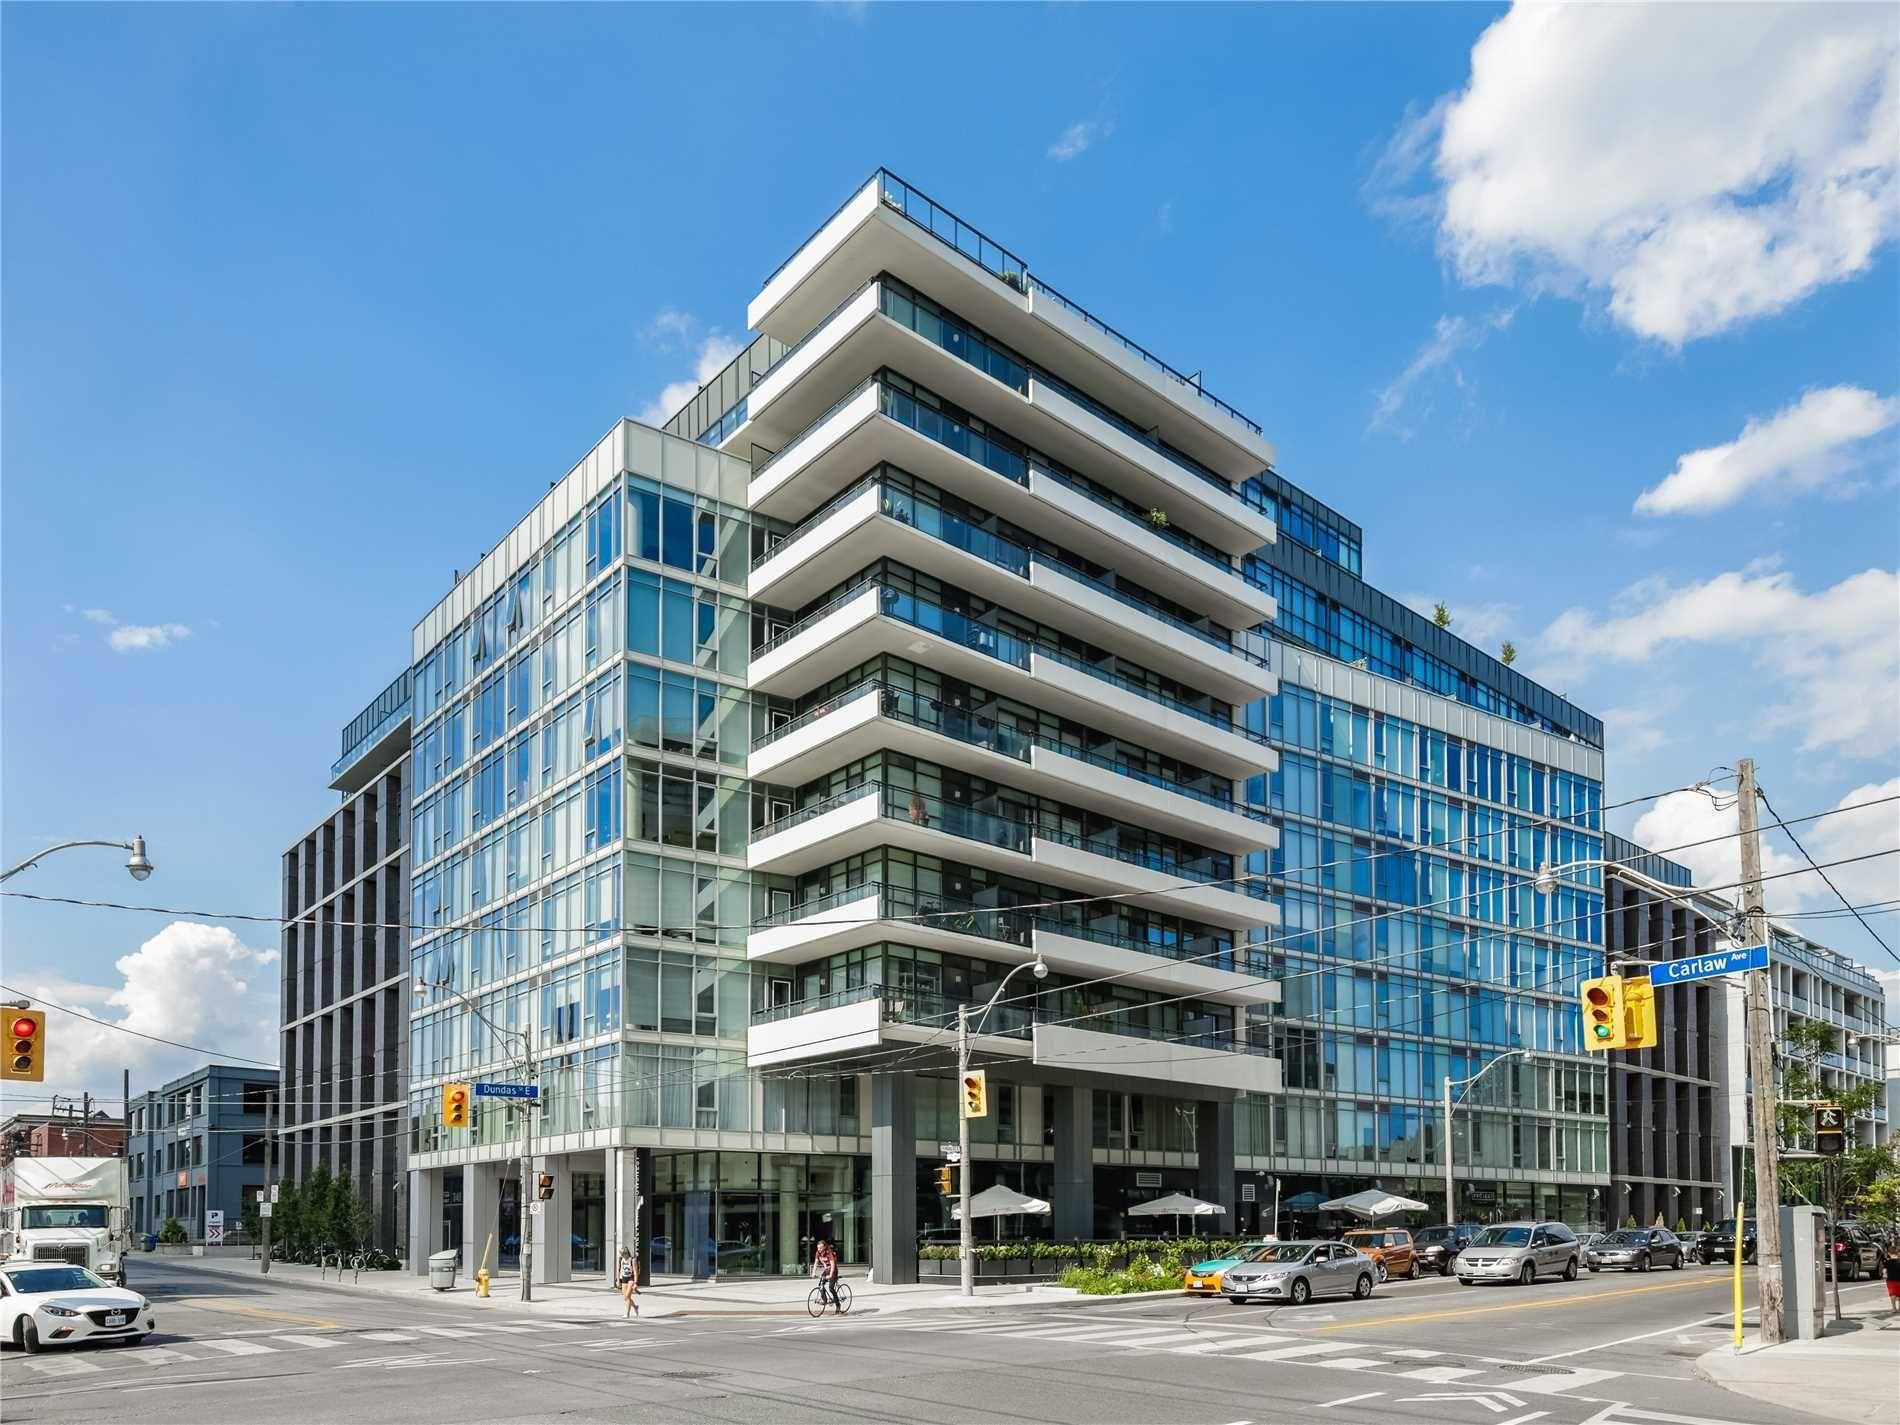 Photo 2: Photos: 910 1190 E Dundas Street in Toronto: South Riverdale Condo for sale (Toronto E01)  : MLS®# E4496416